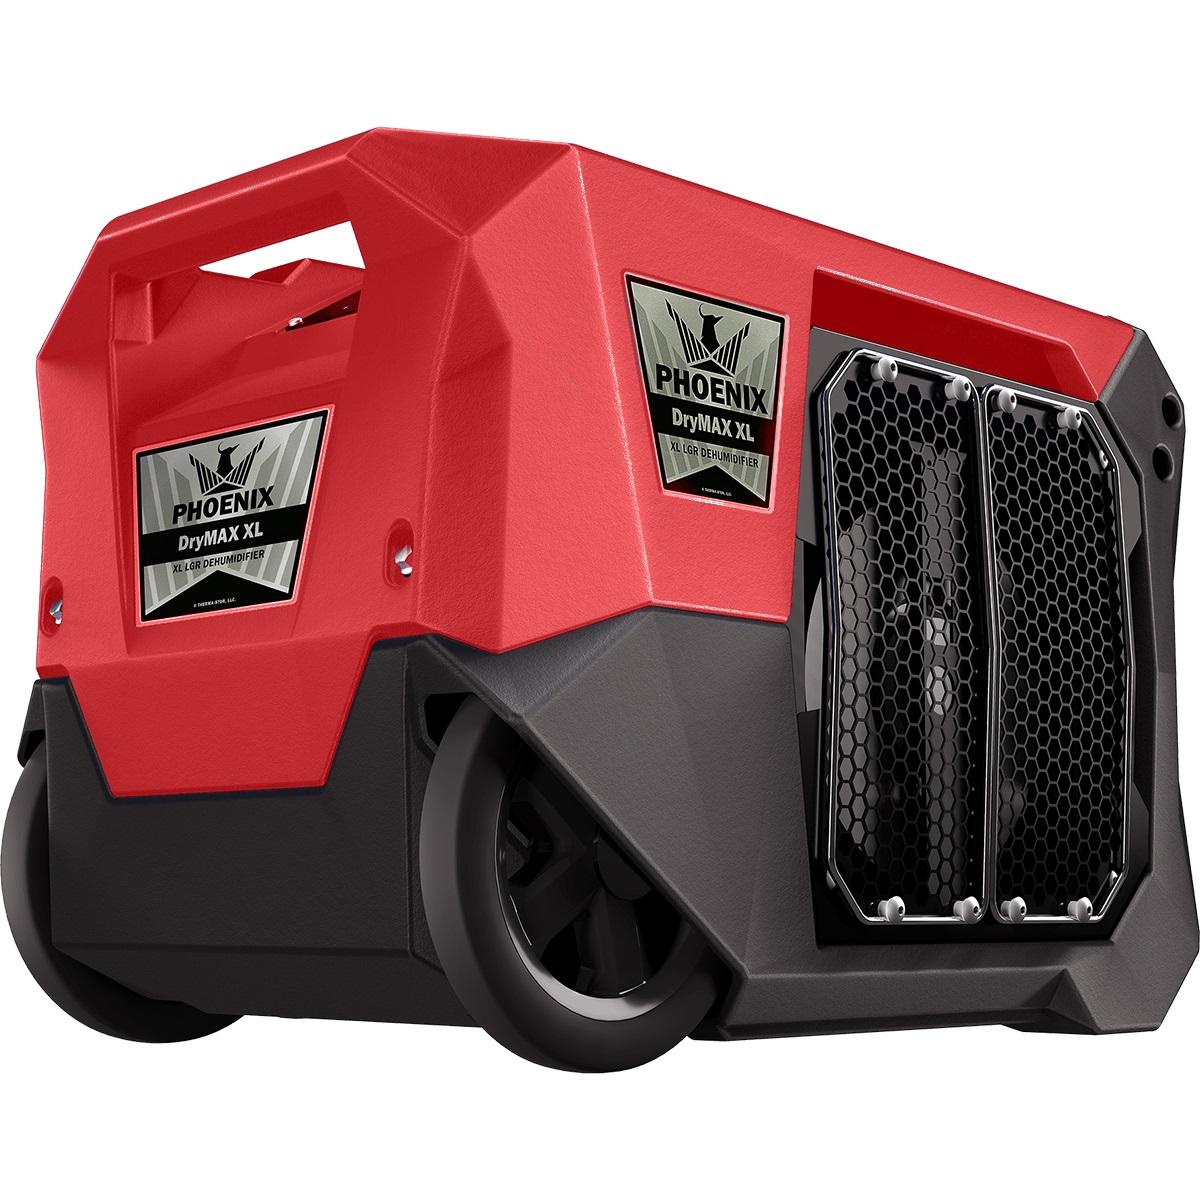 Phoenix™ DryMax XL LGR Dehumidifier (4037000) - Red